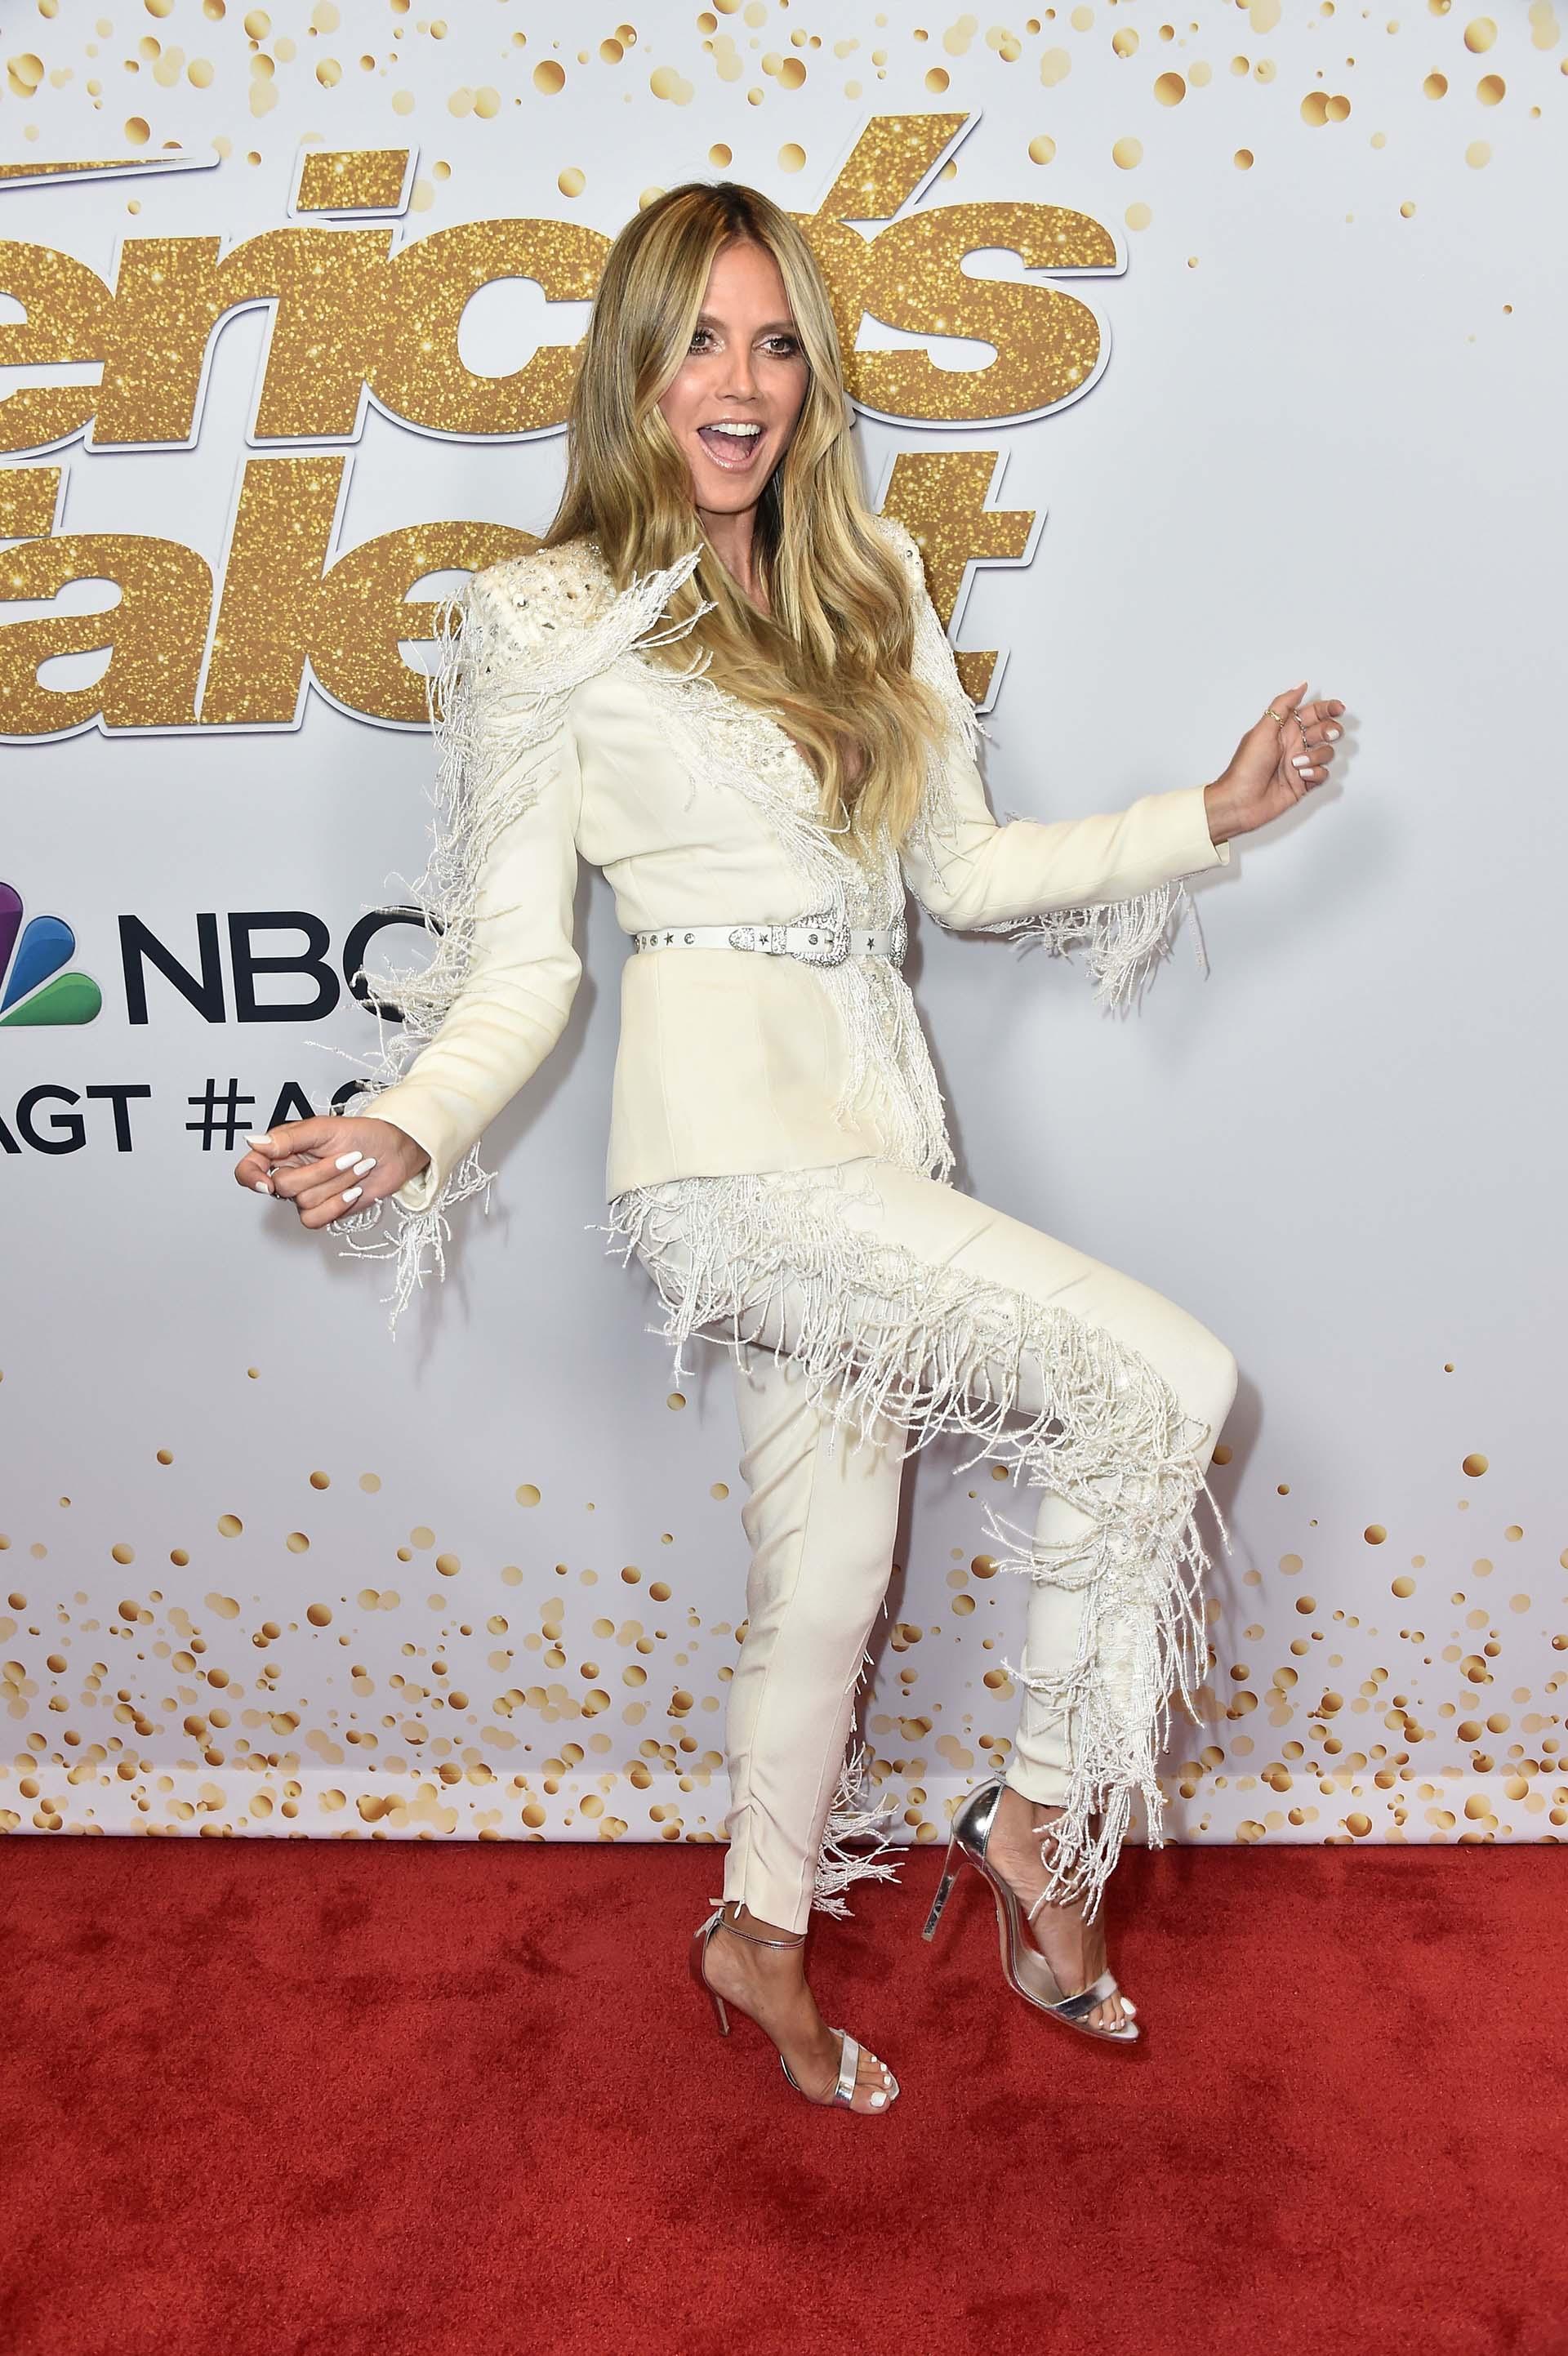 Heidi Klum posó divertida frente a las cámaras a su paso por la red carpet en el Dolby Theatre, en Hollywood